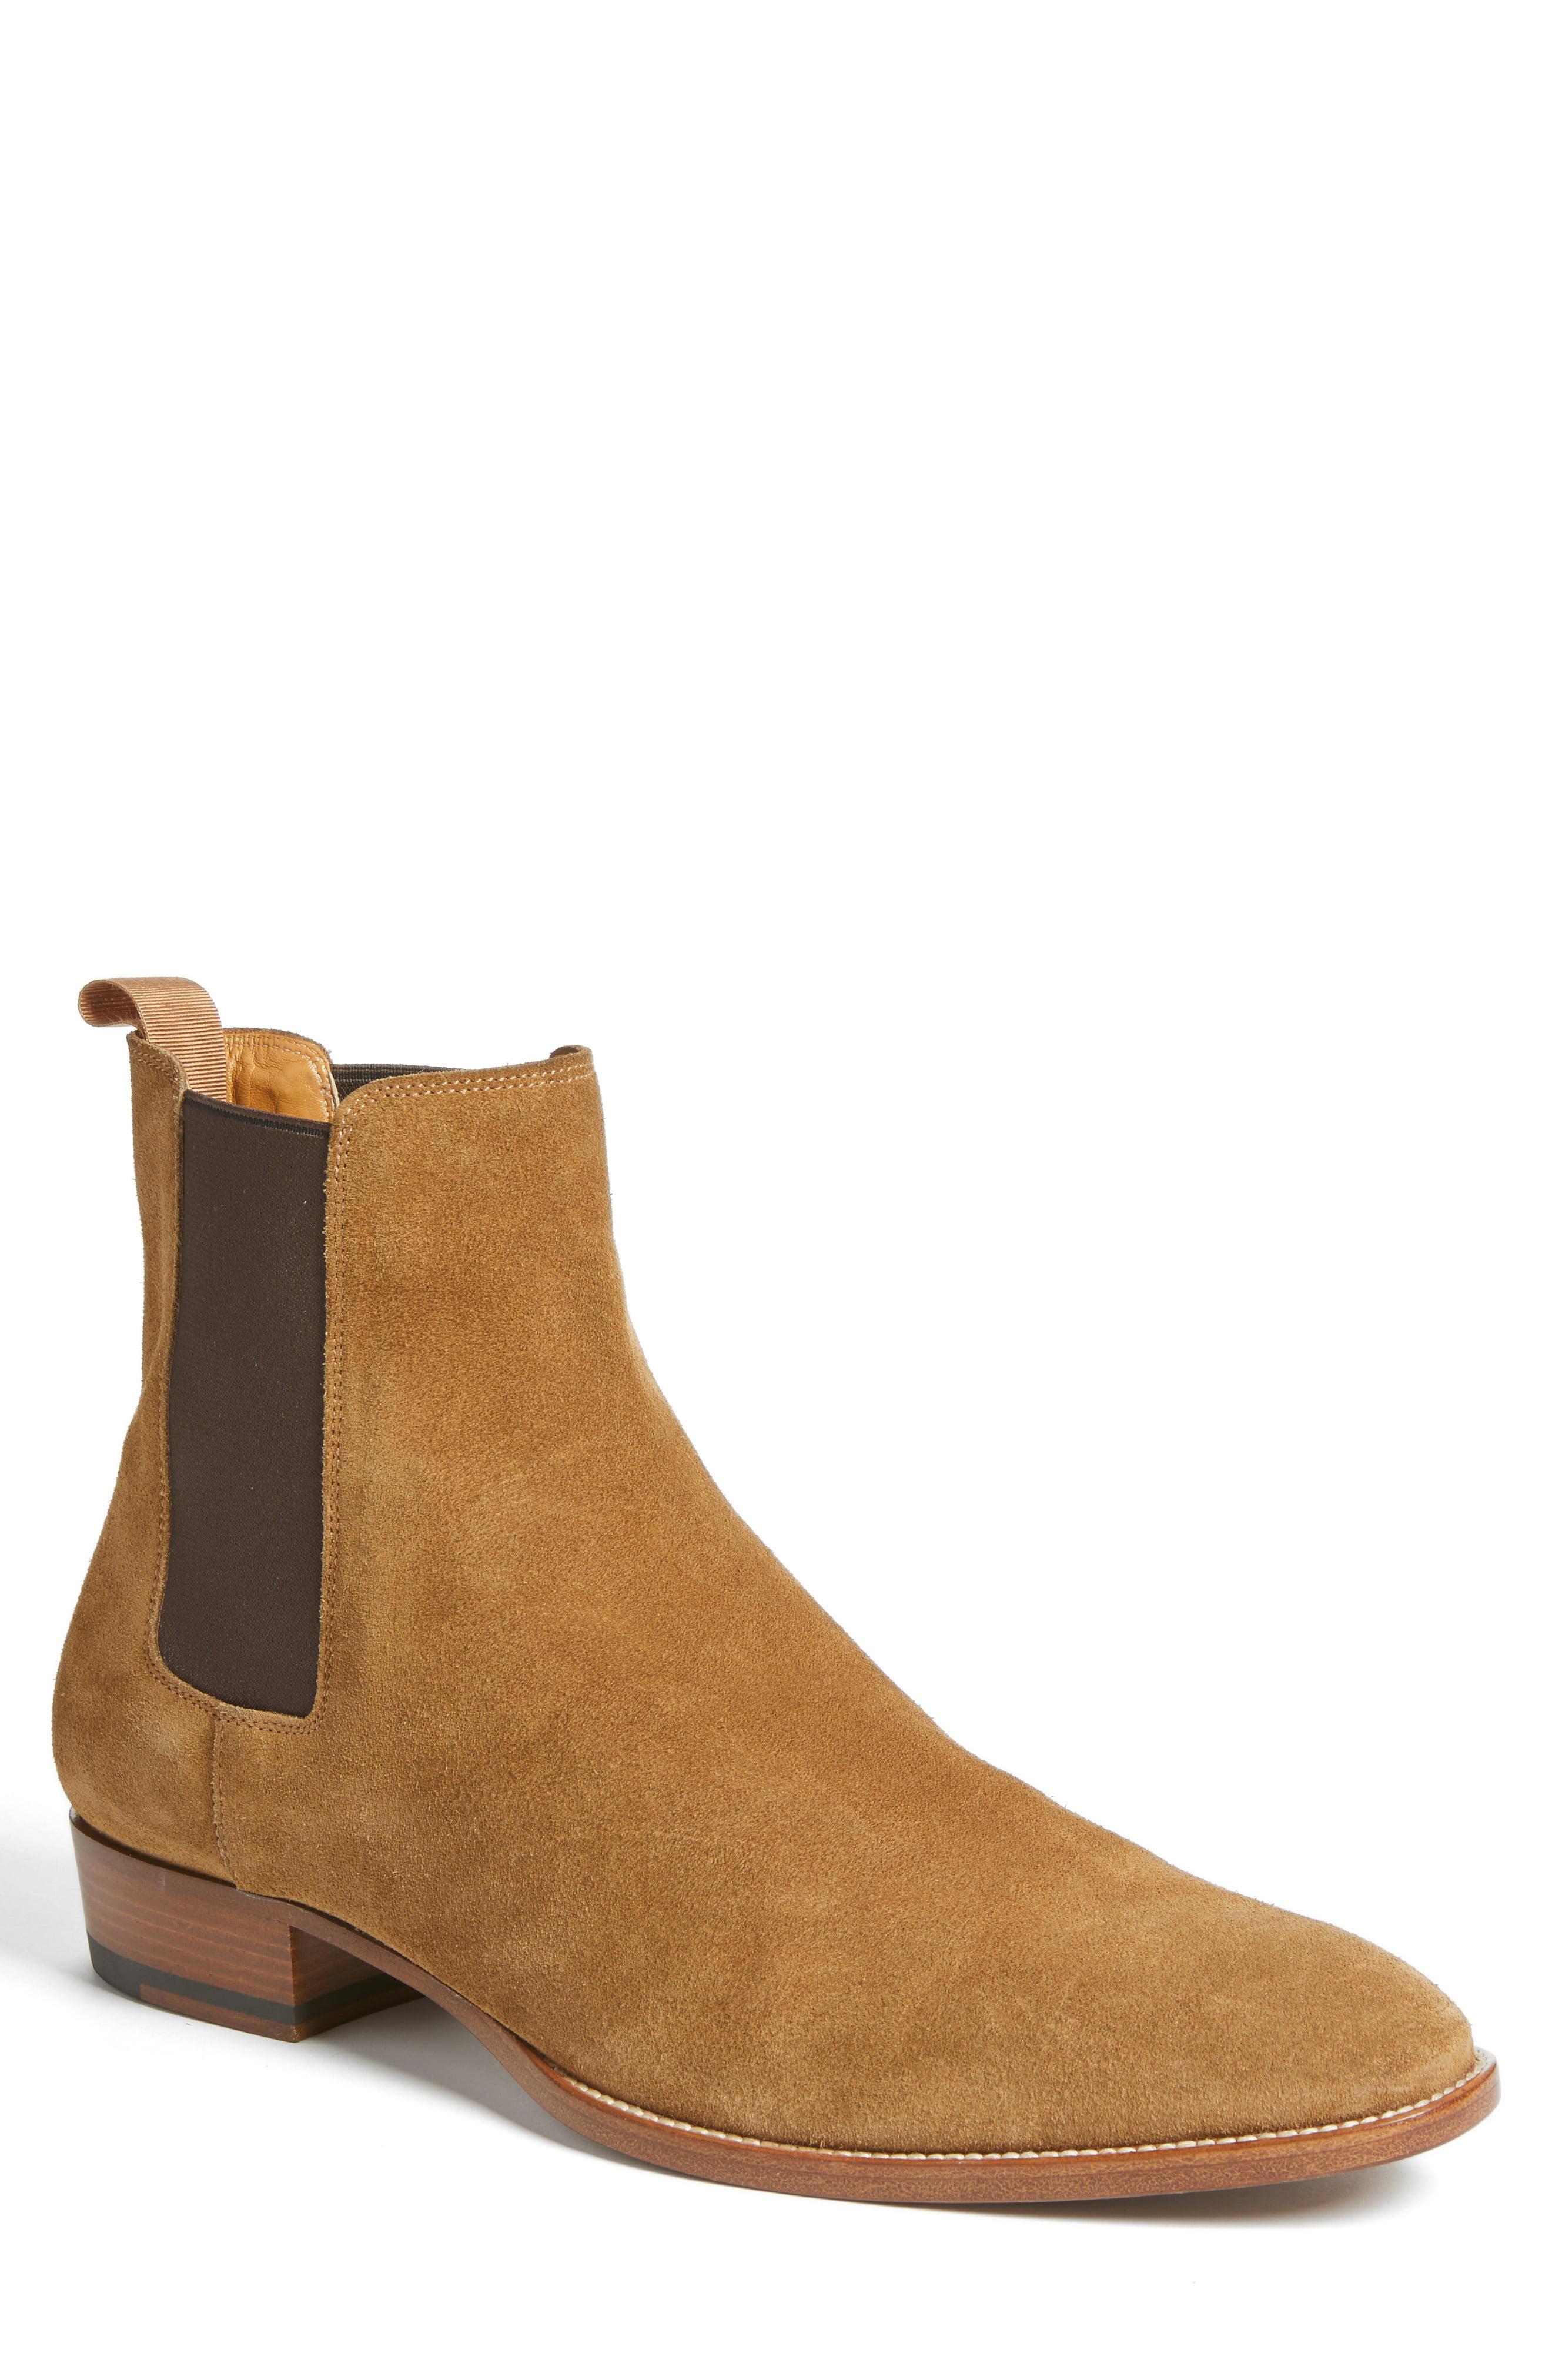 Men's Saint Laurent Wyatt Chelsea Boot